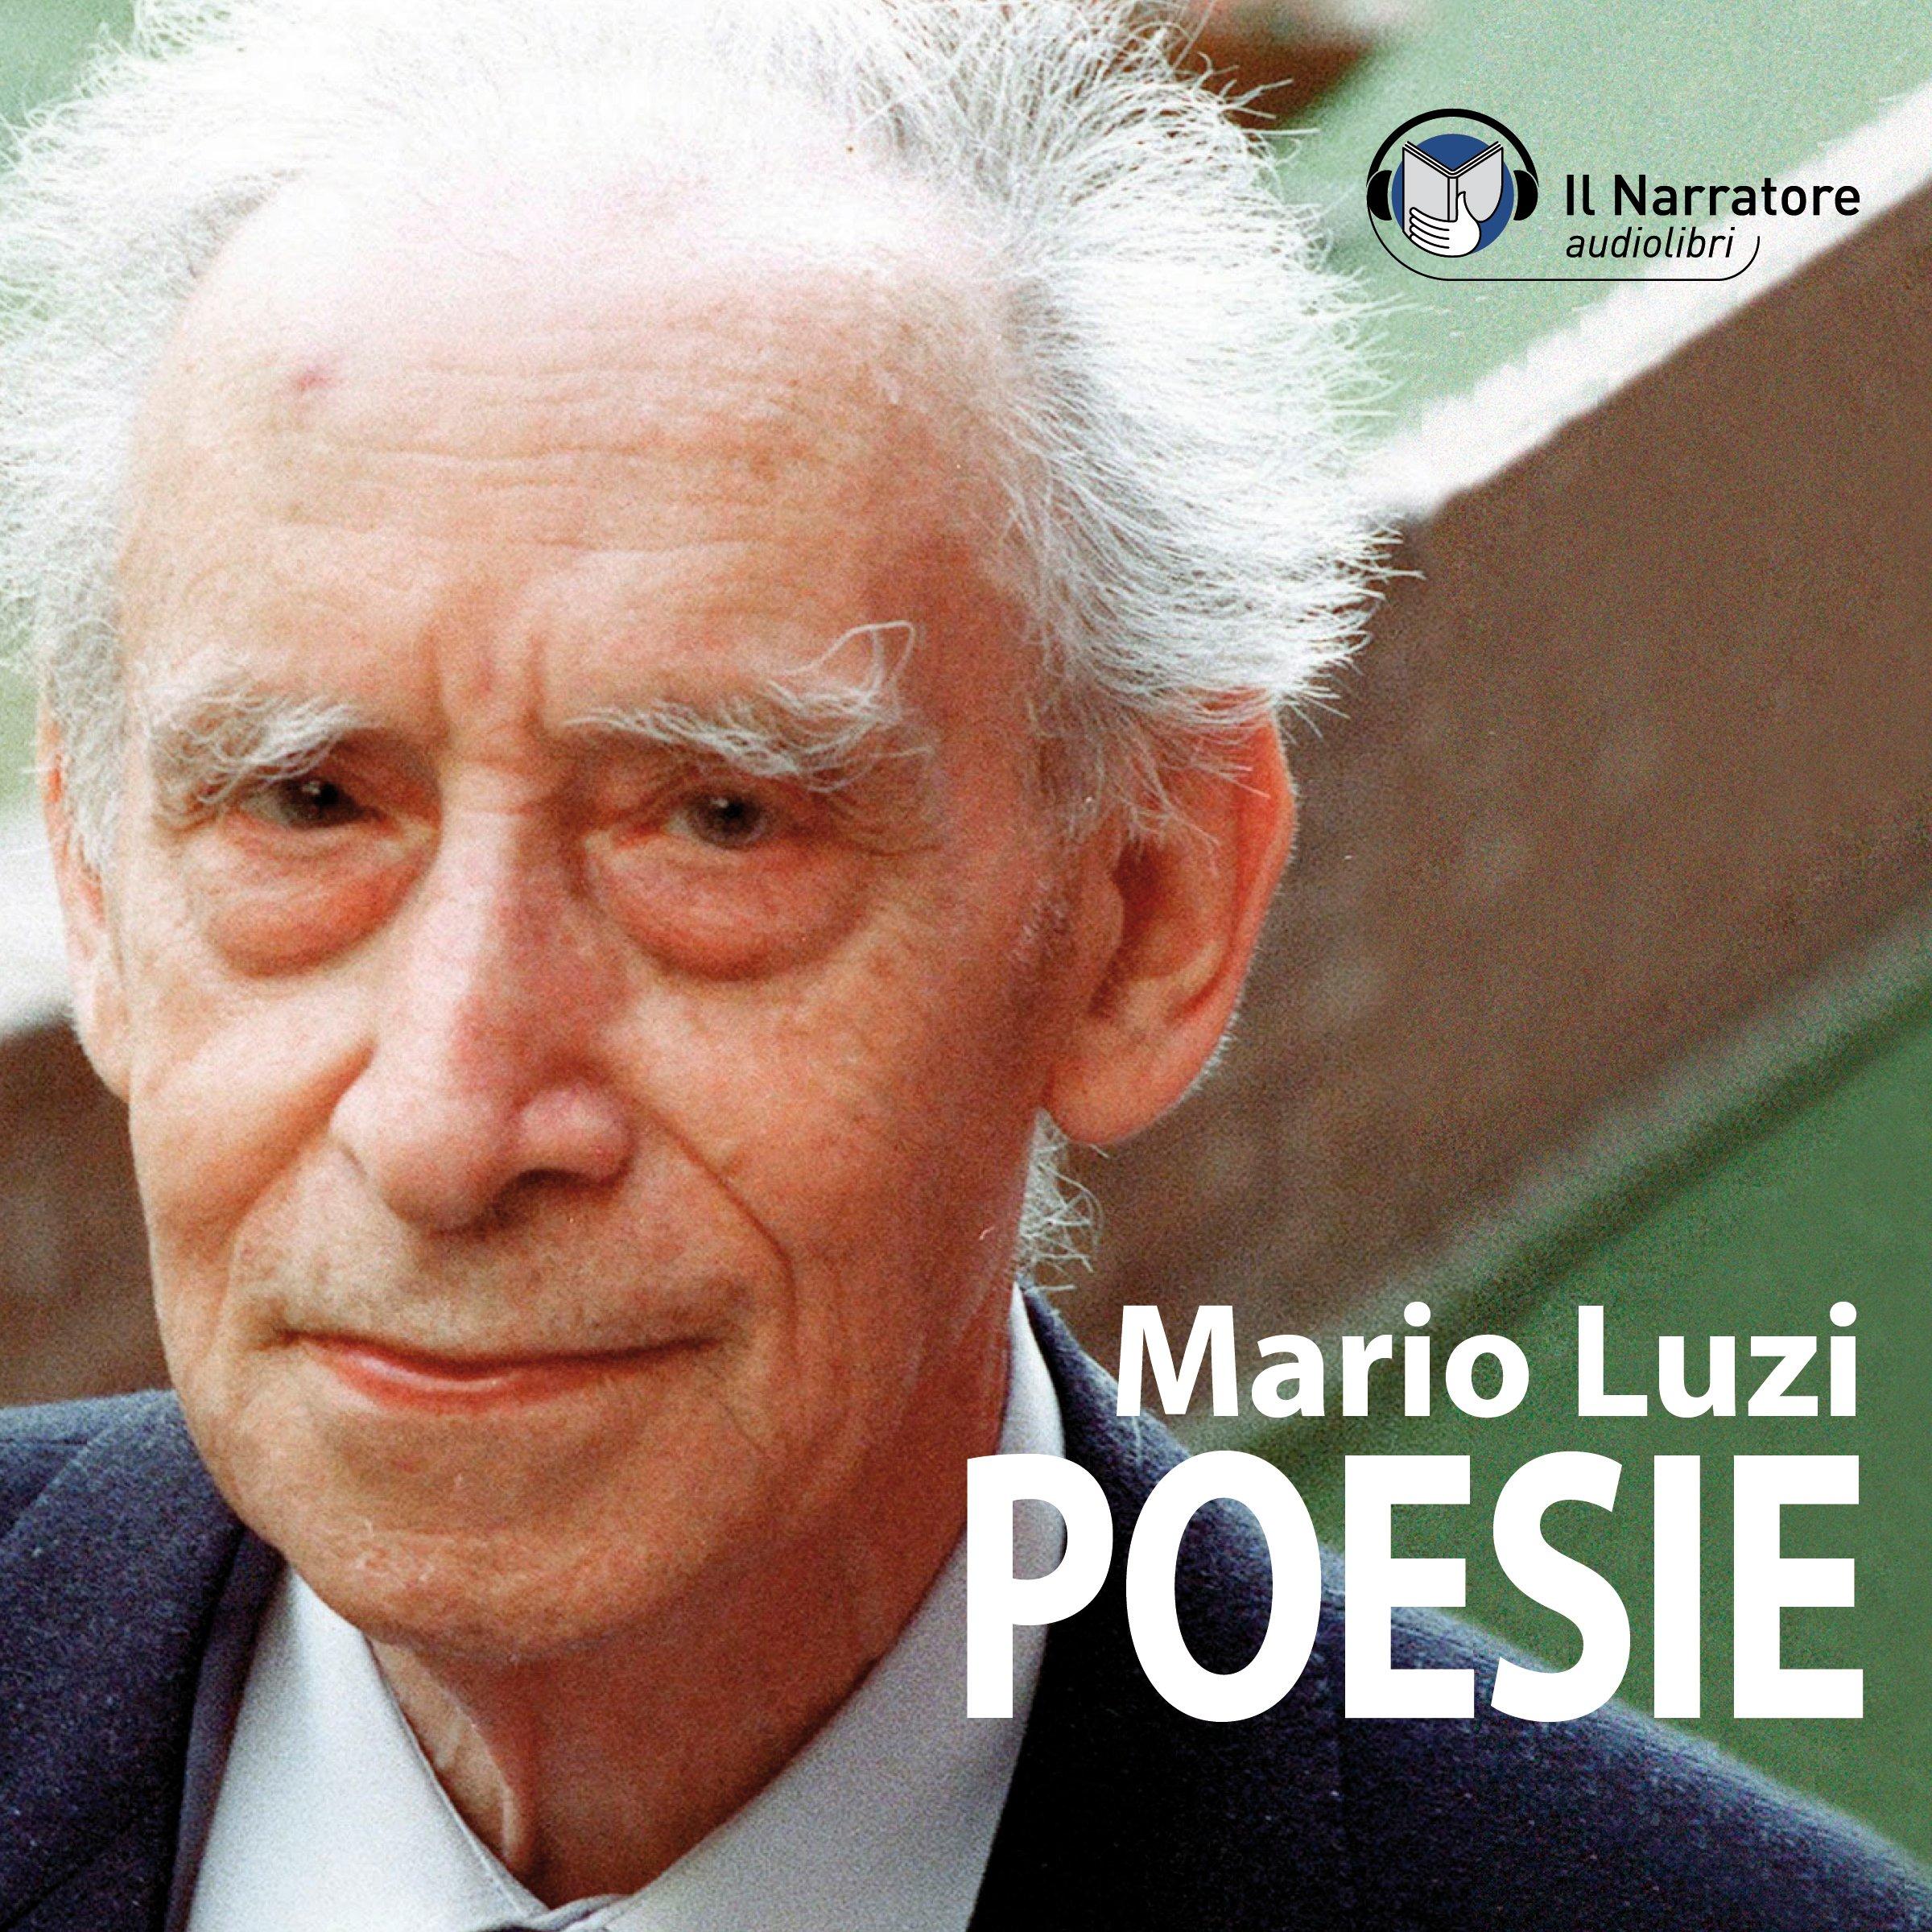 Copertina dell'Audiolibro recitato da Alberto Rossatti, Poesie di Mario Luzi